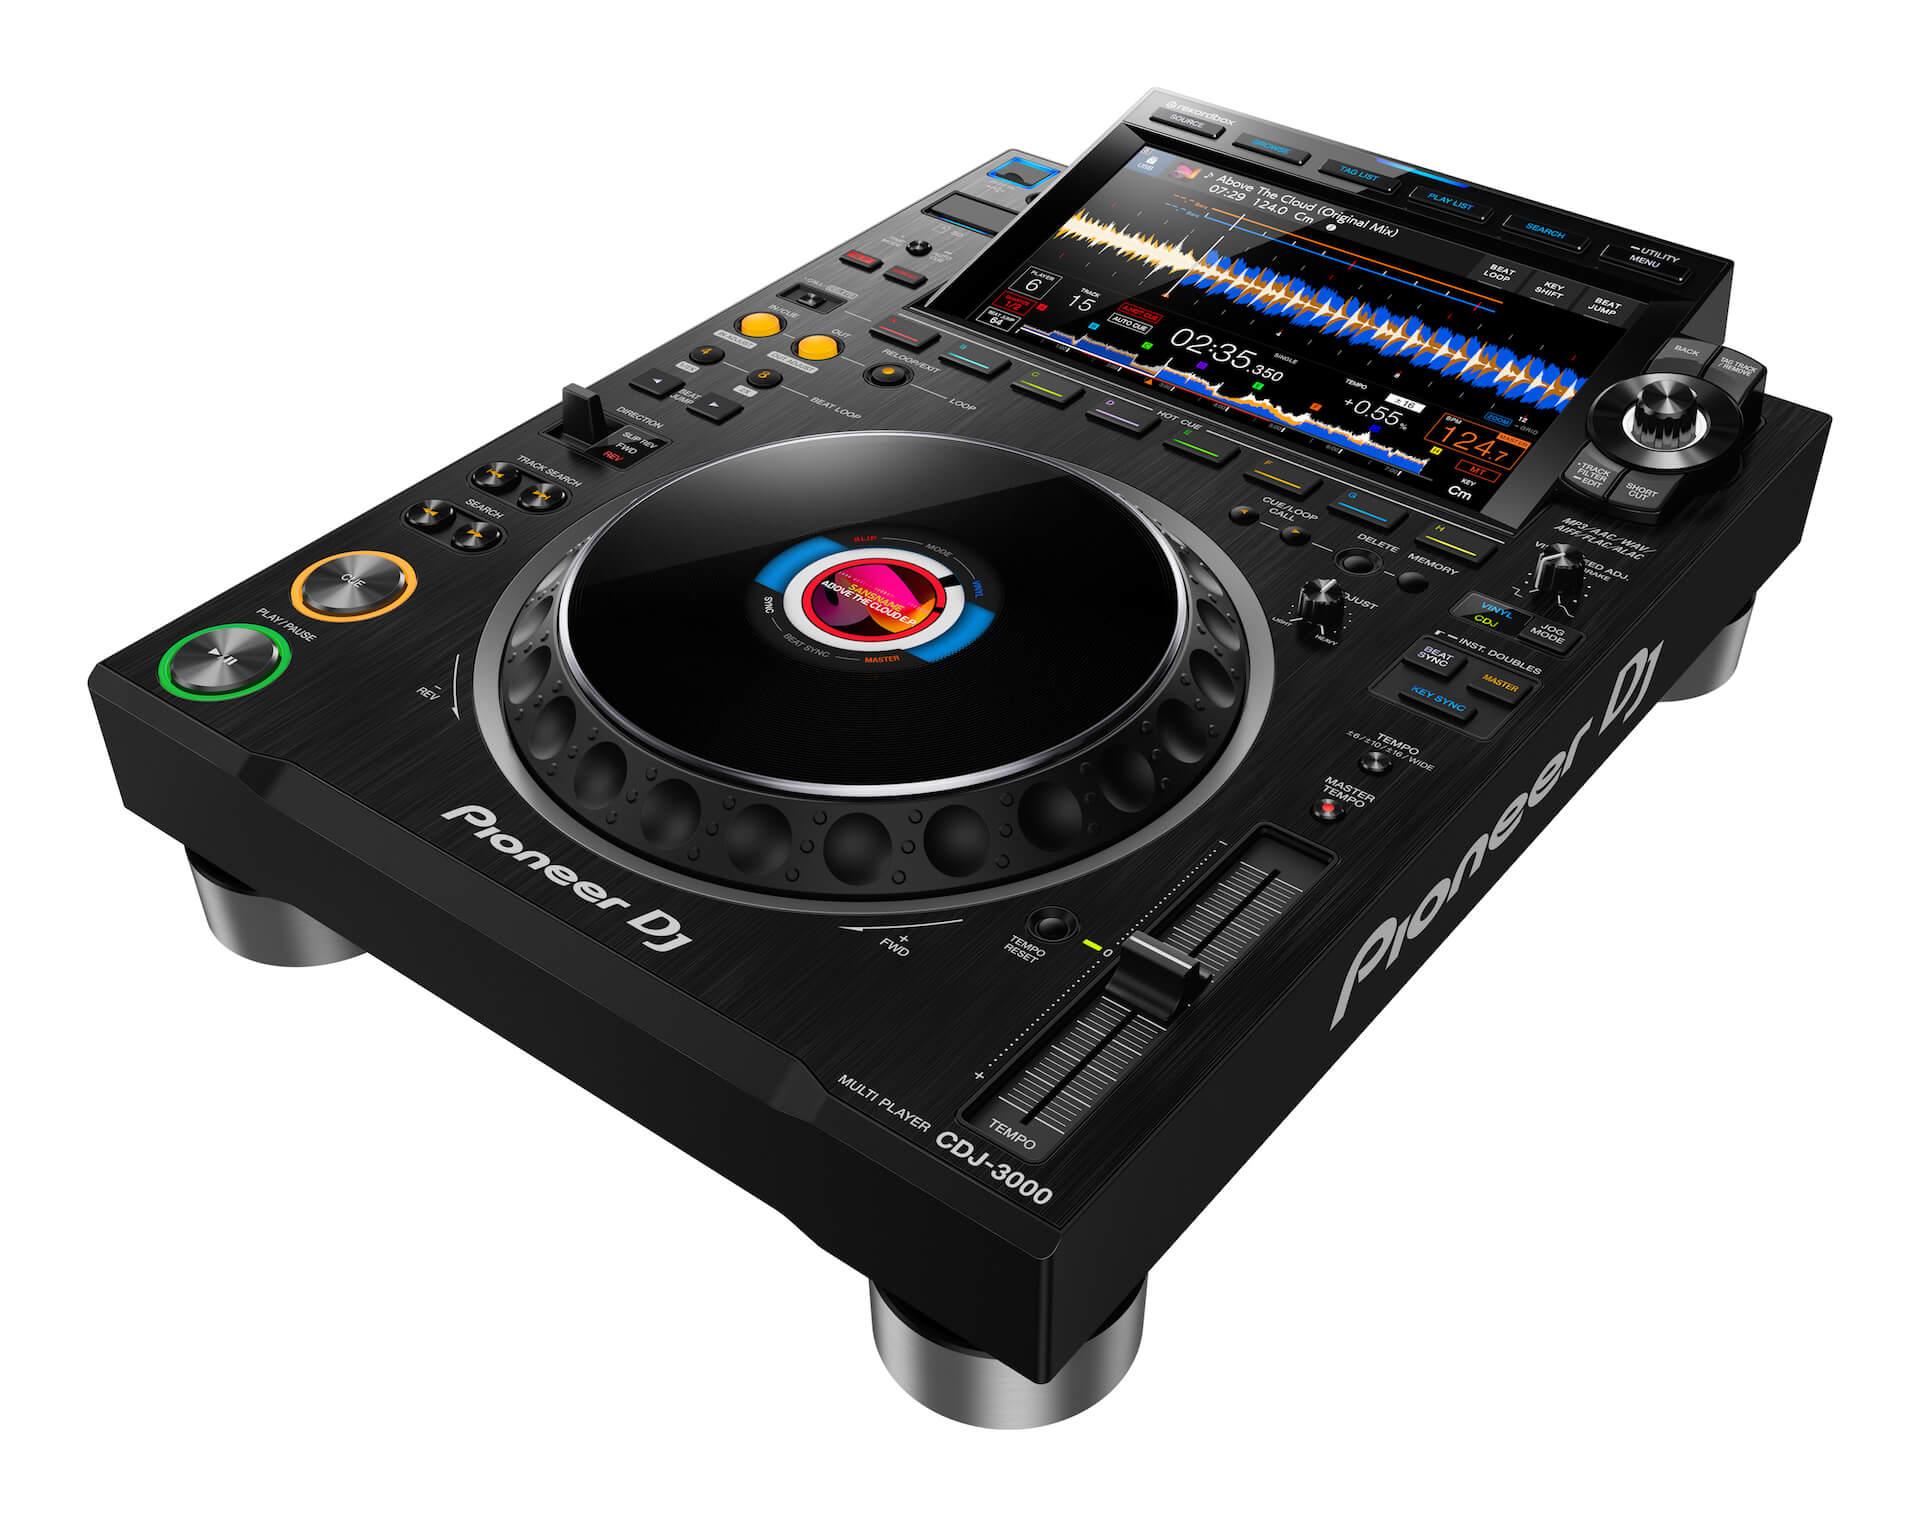 Pioneer DJからCDJシリーズ最新モデル「CDJ-3000」が登場!限定モデル「CDJ-3000-W」も tech200910_cdj_3000_1